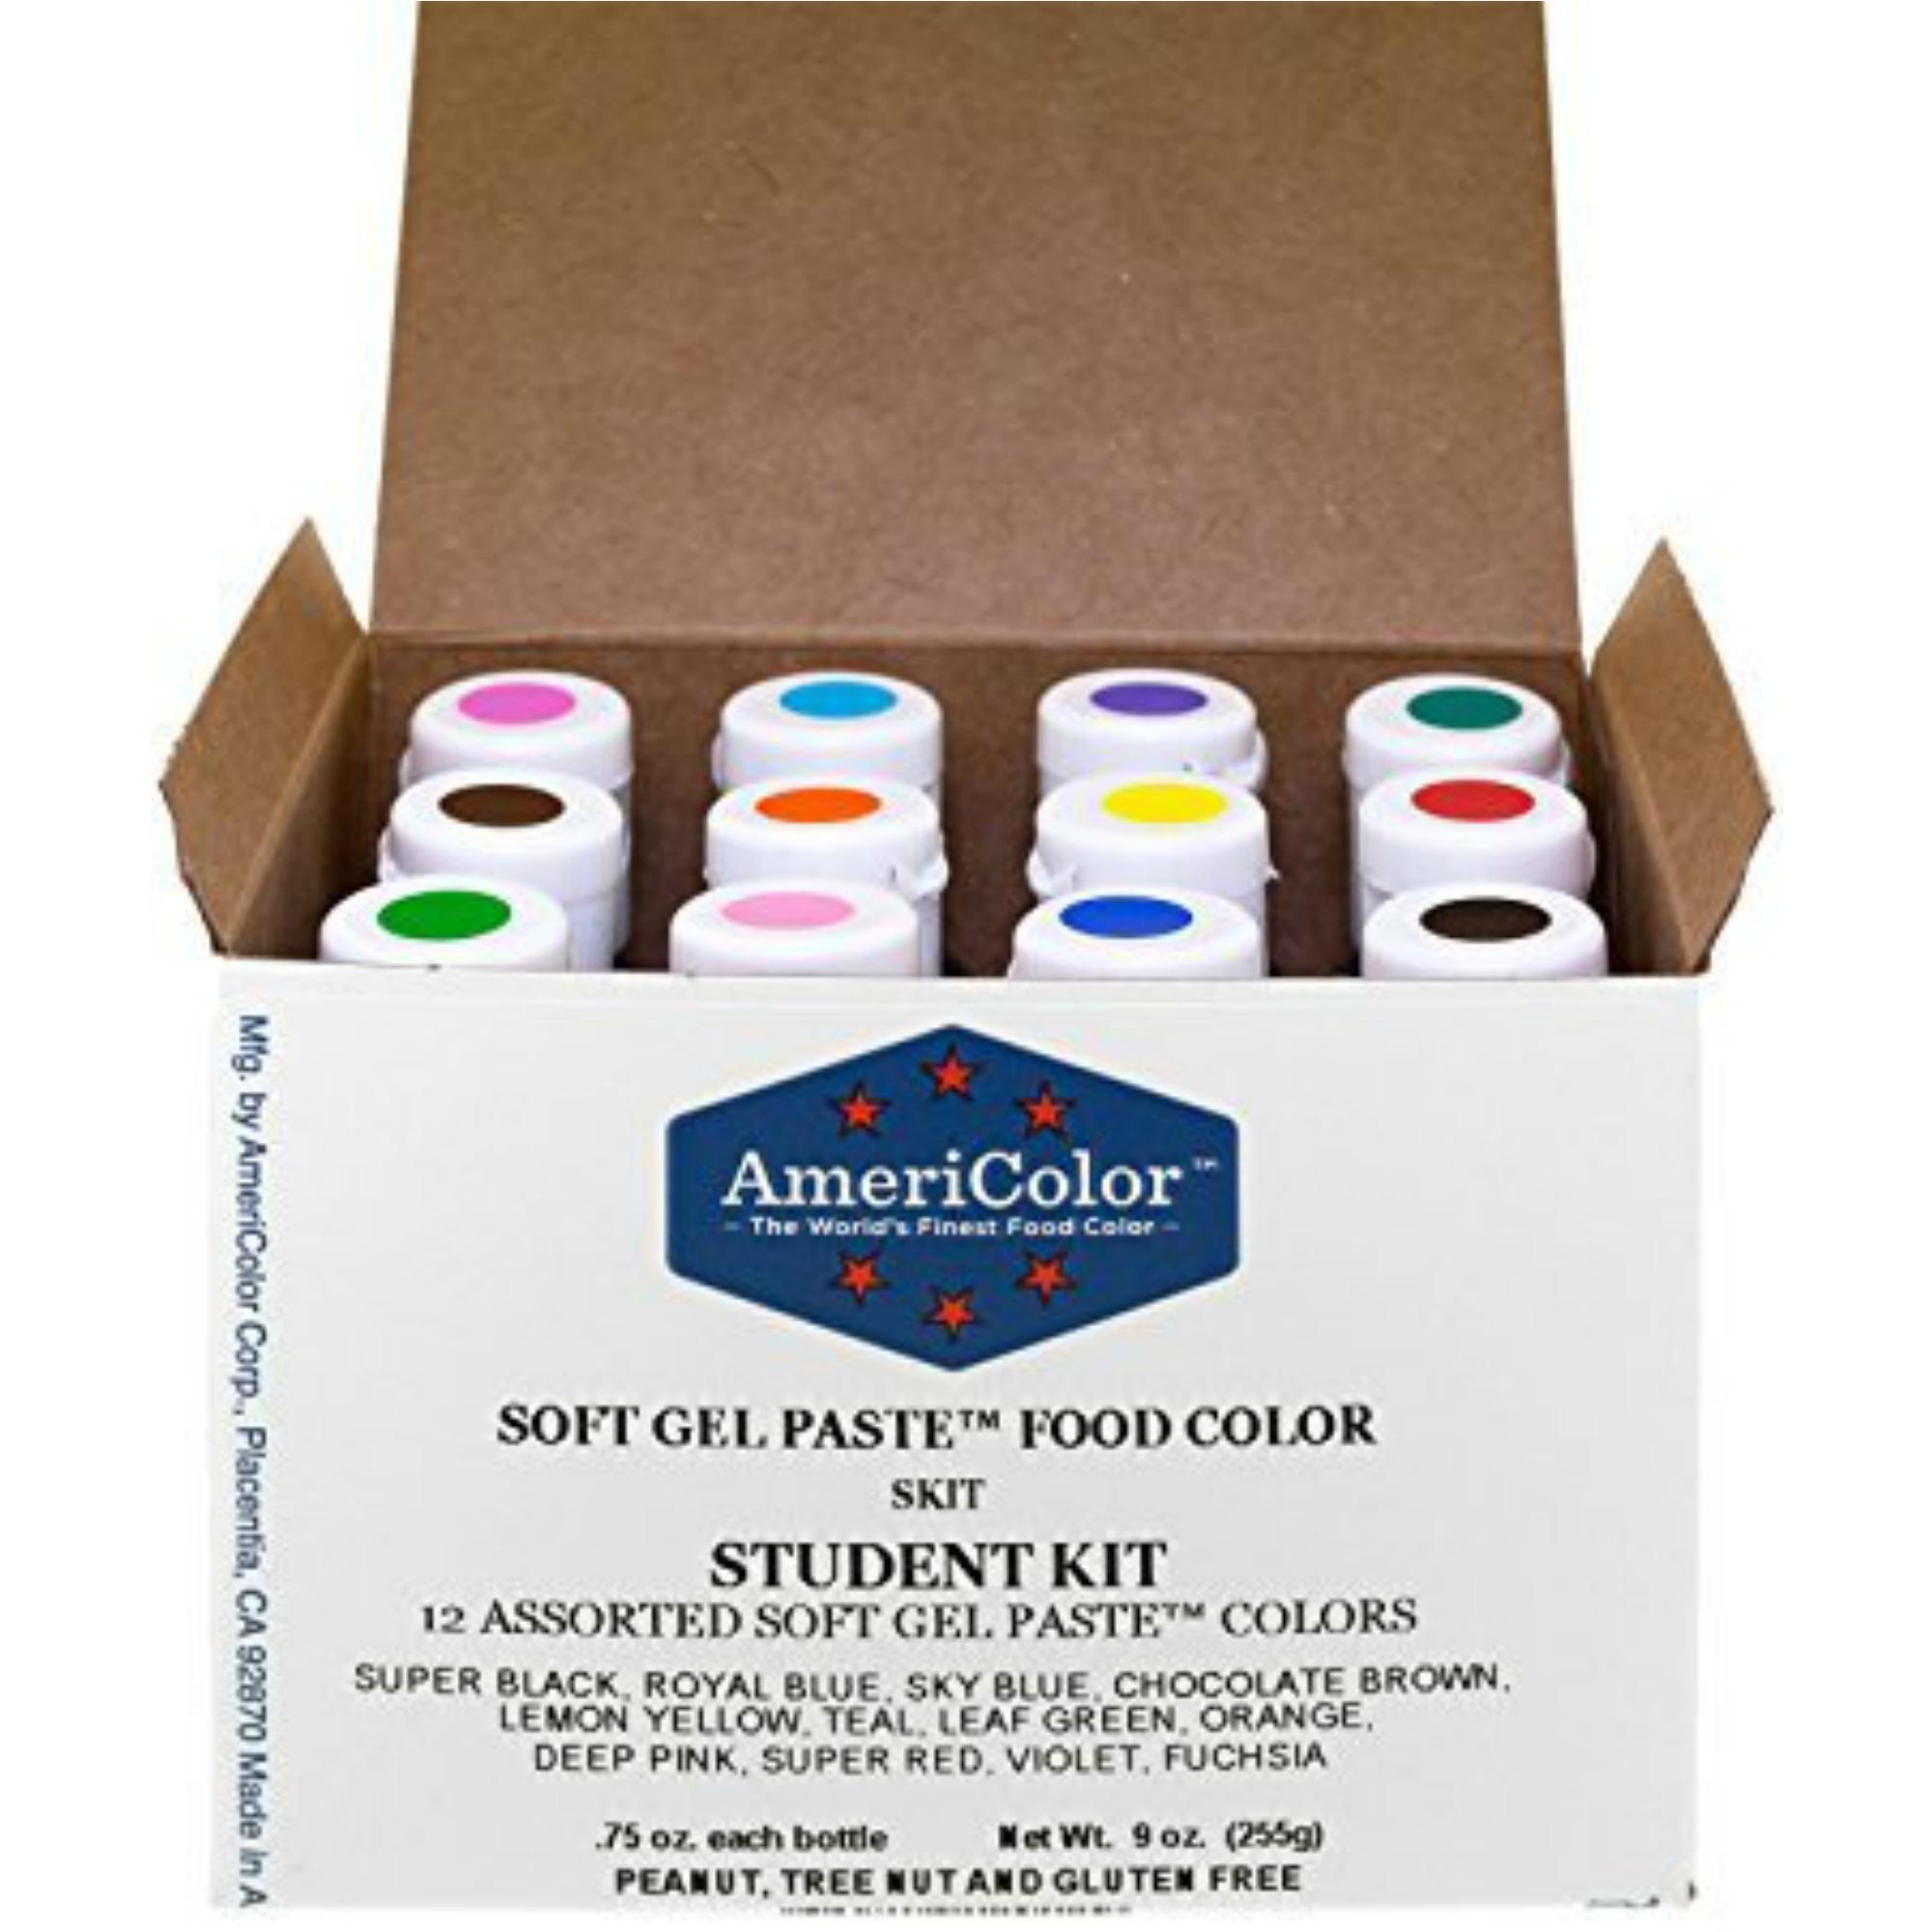 Food Coloring AmeriColor Soft Gel Paste Colors - XO, Katie Rosario